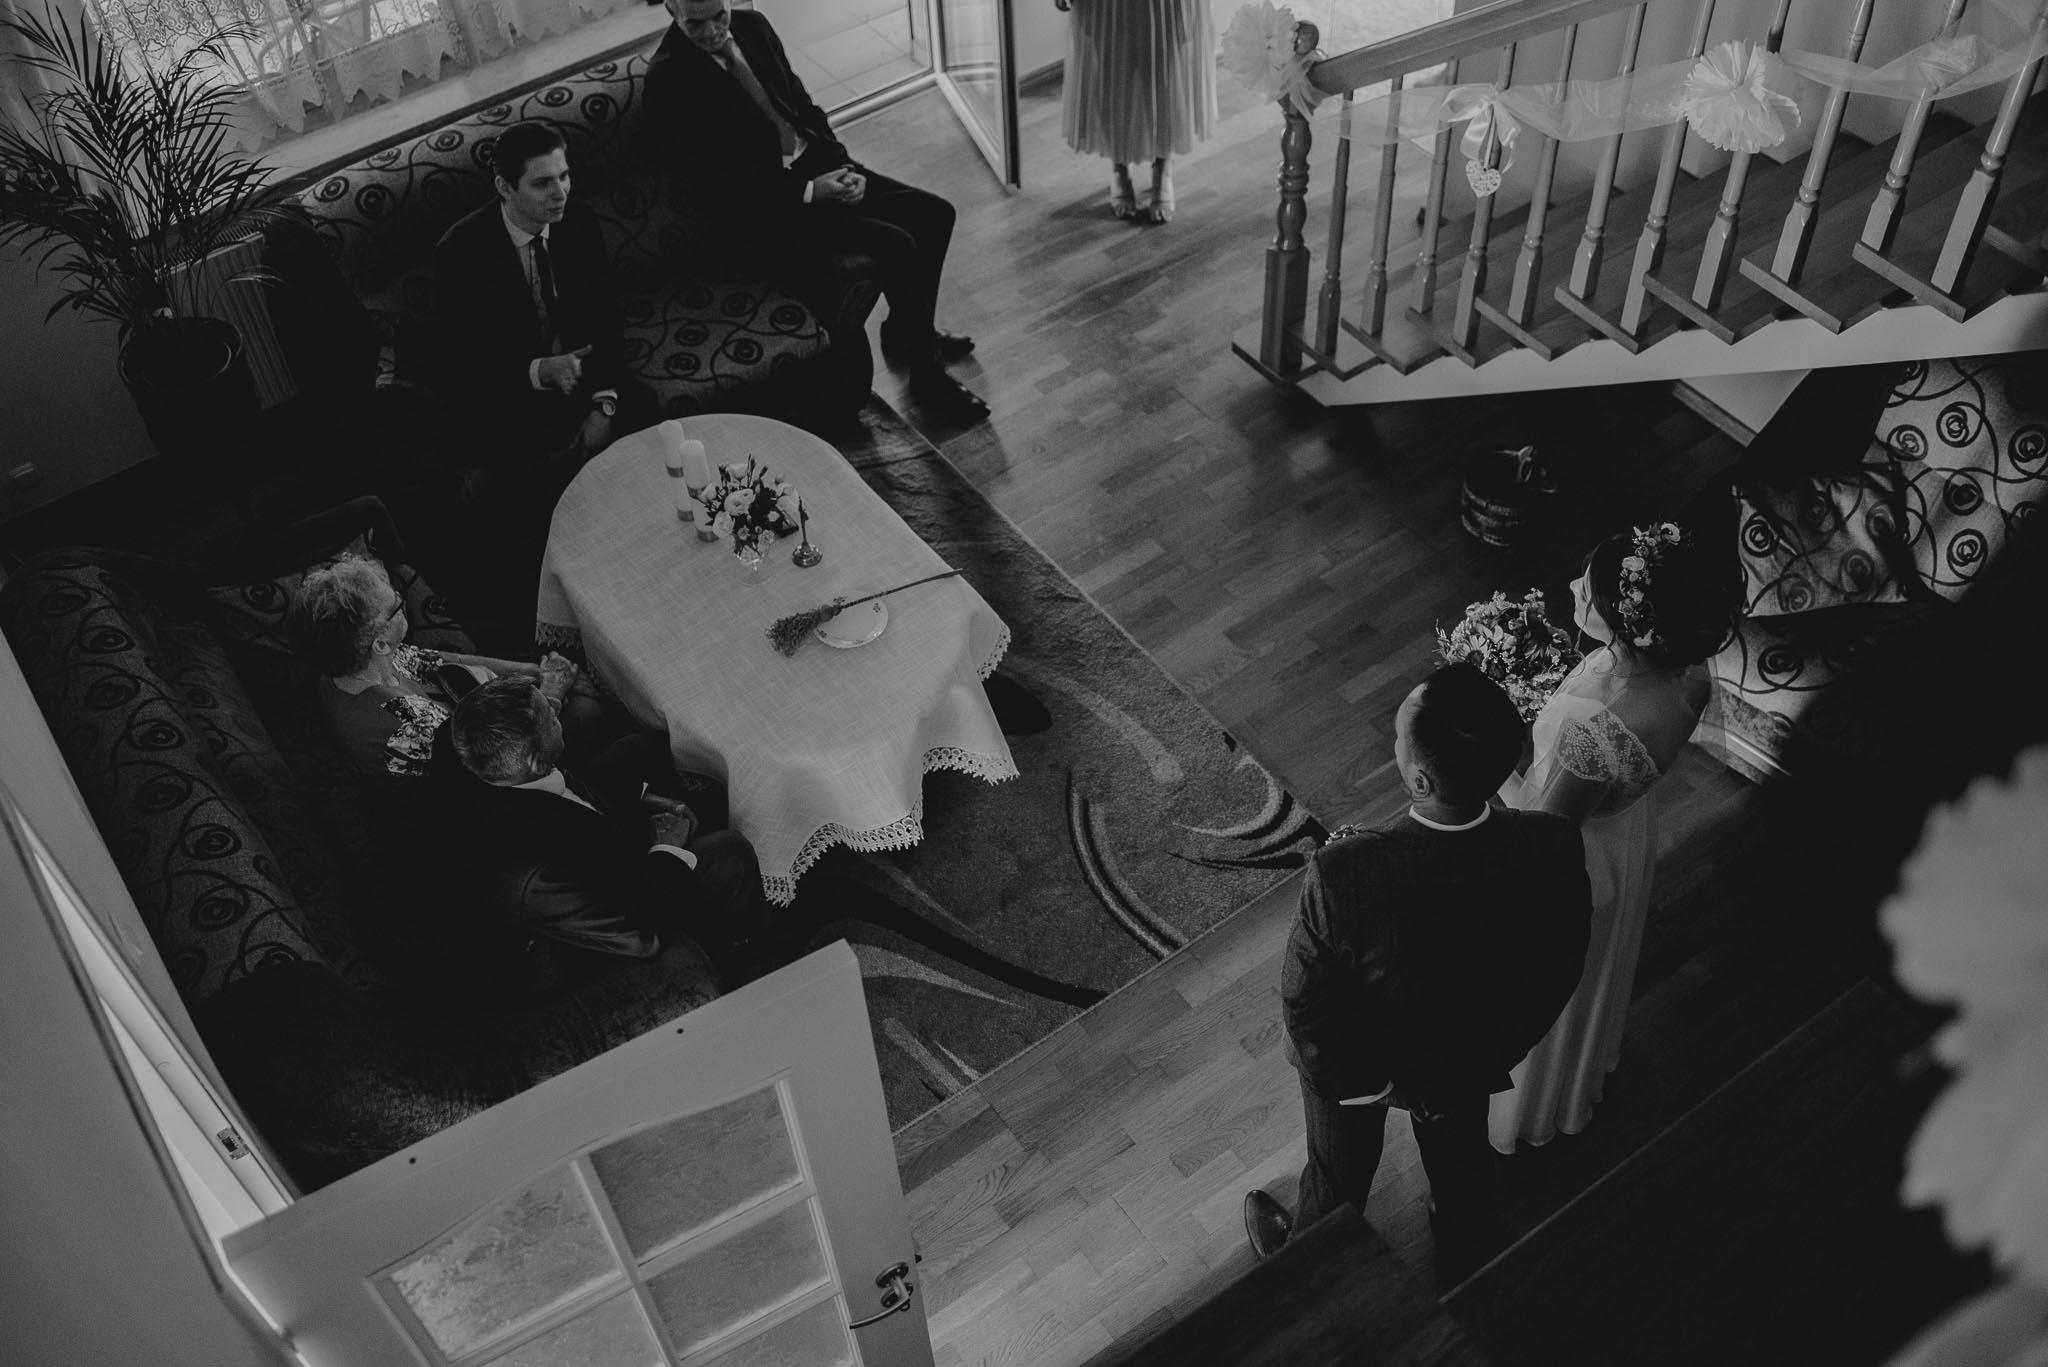 Państwo młodzi w domu panny młodej - ślub w stodole Dyrkowo